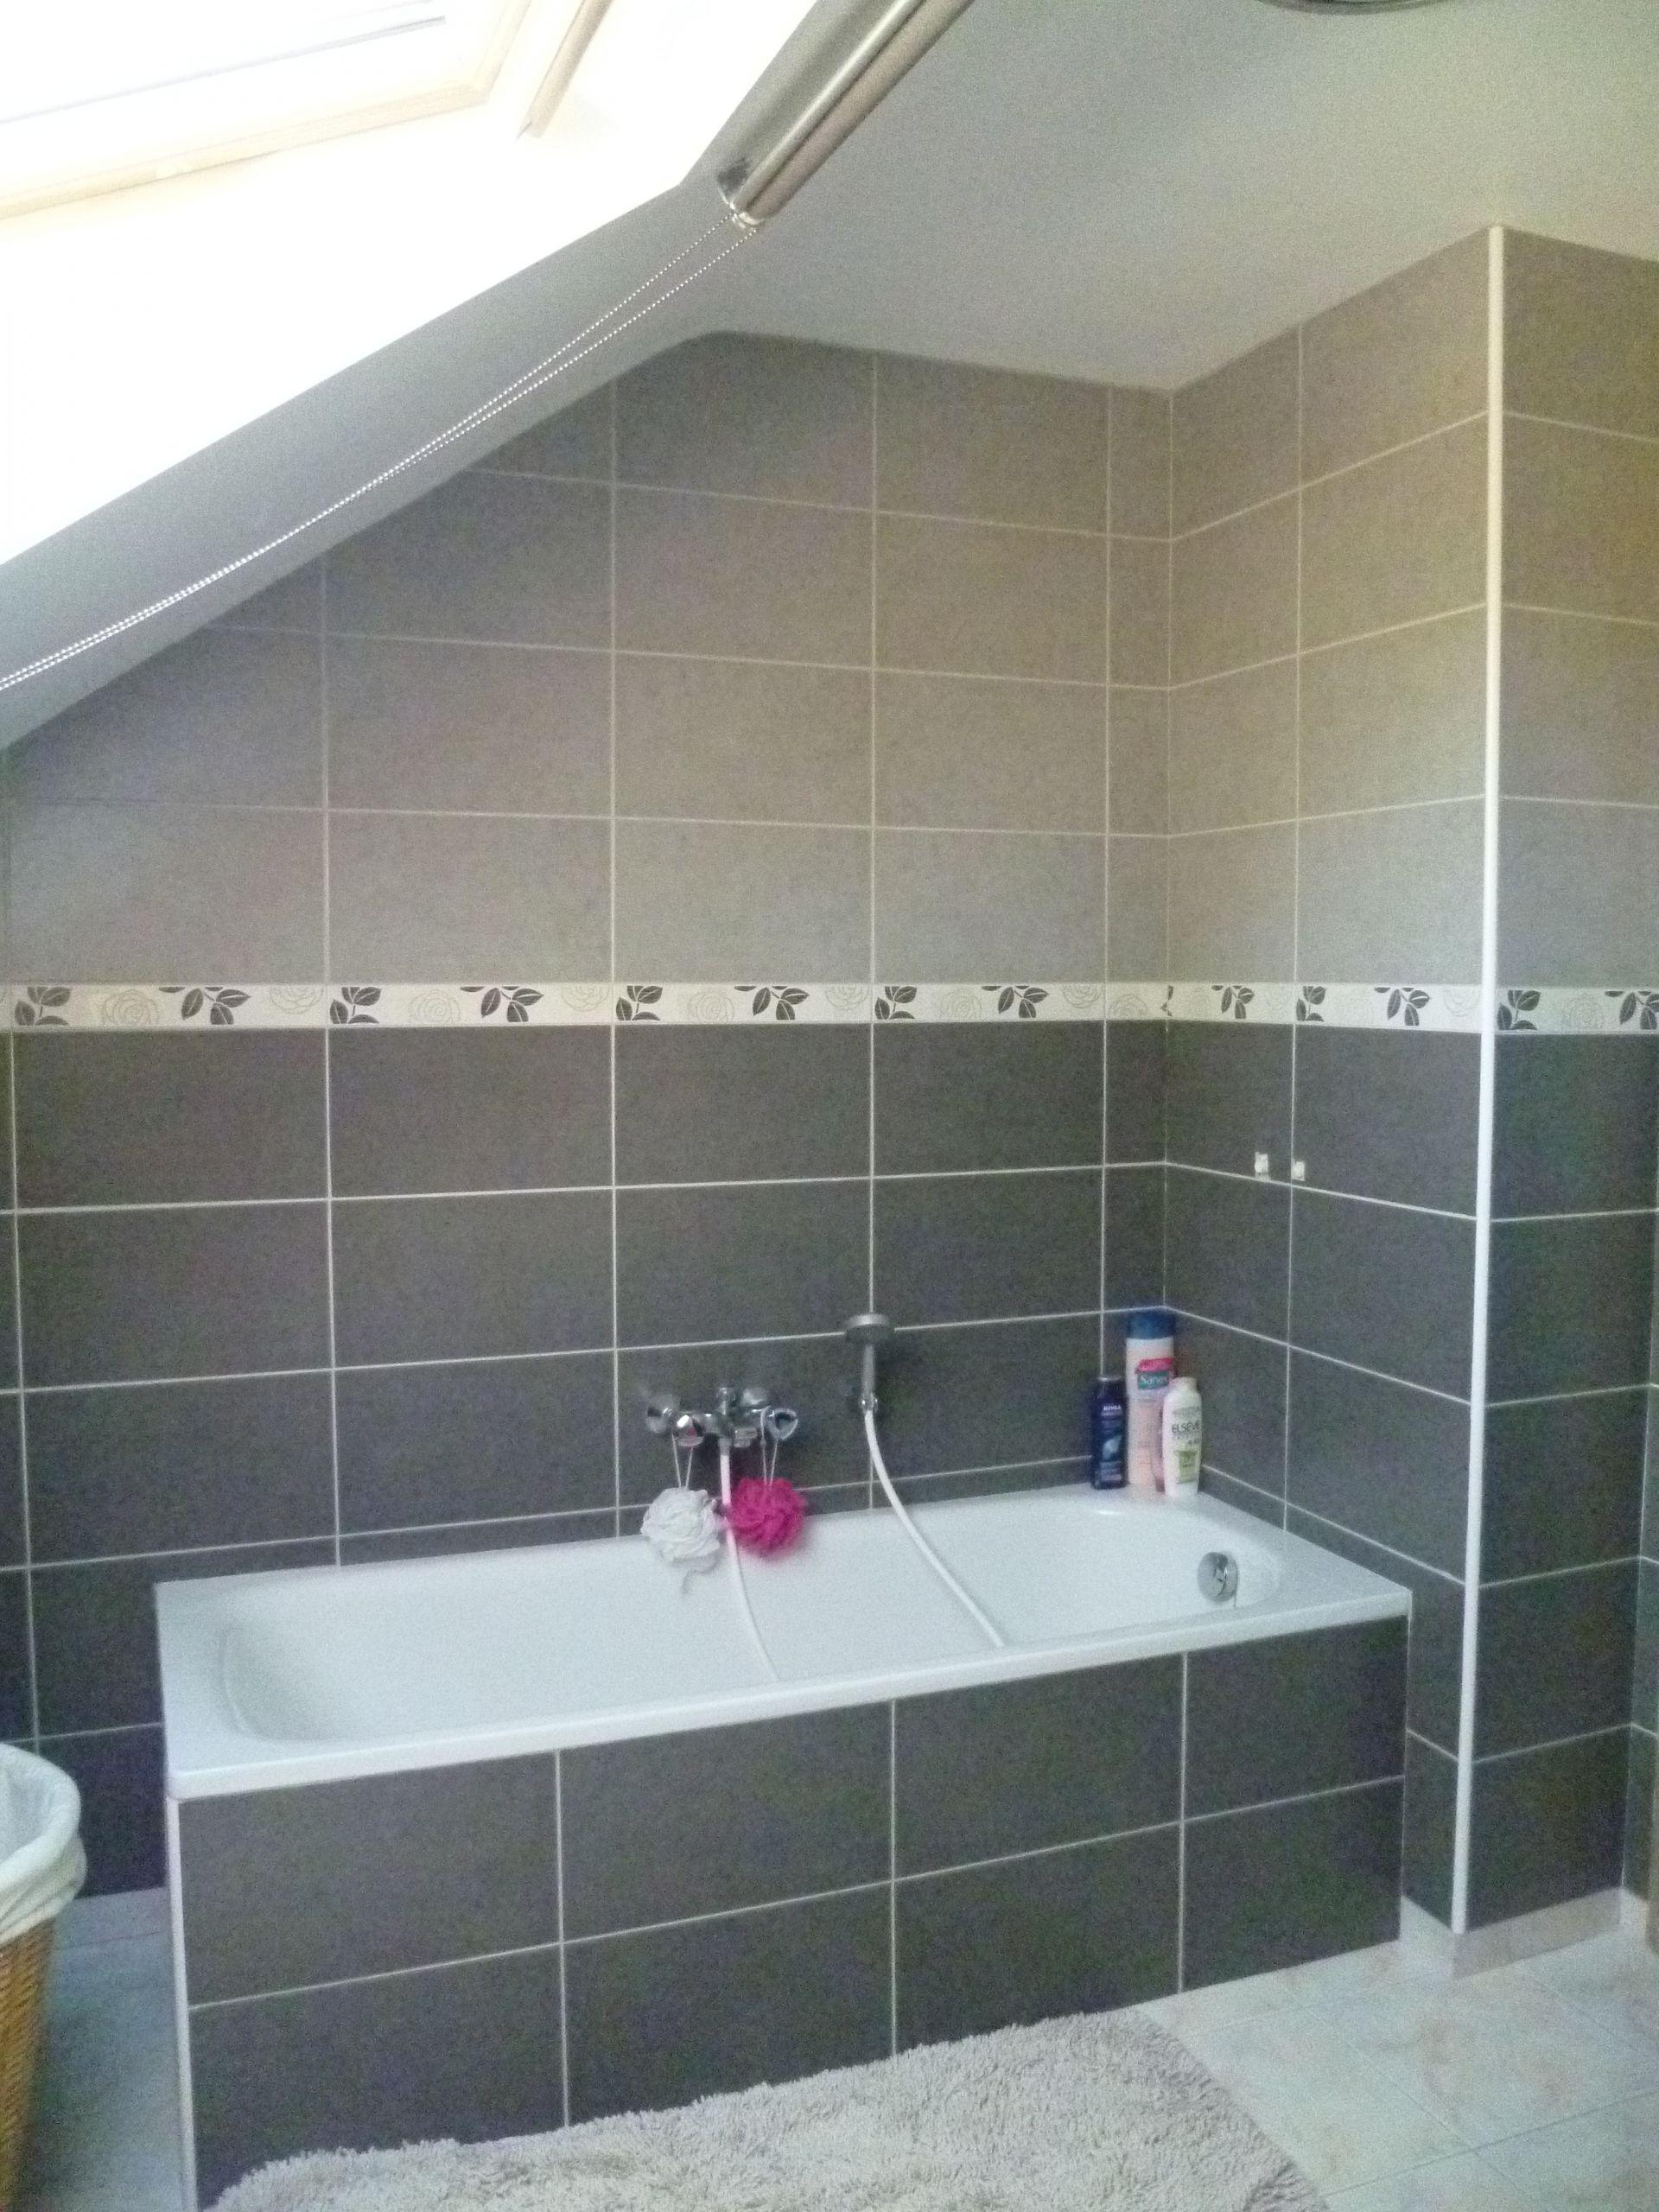 Carrelage De Salle De Bain Gris salle de bain noir et gris ides carrelage salle de bain